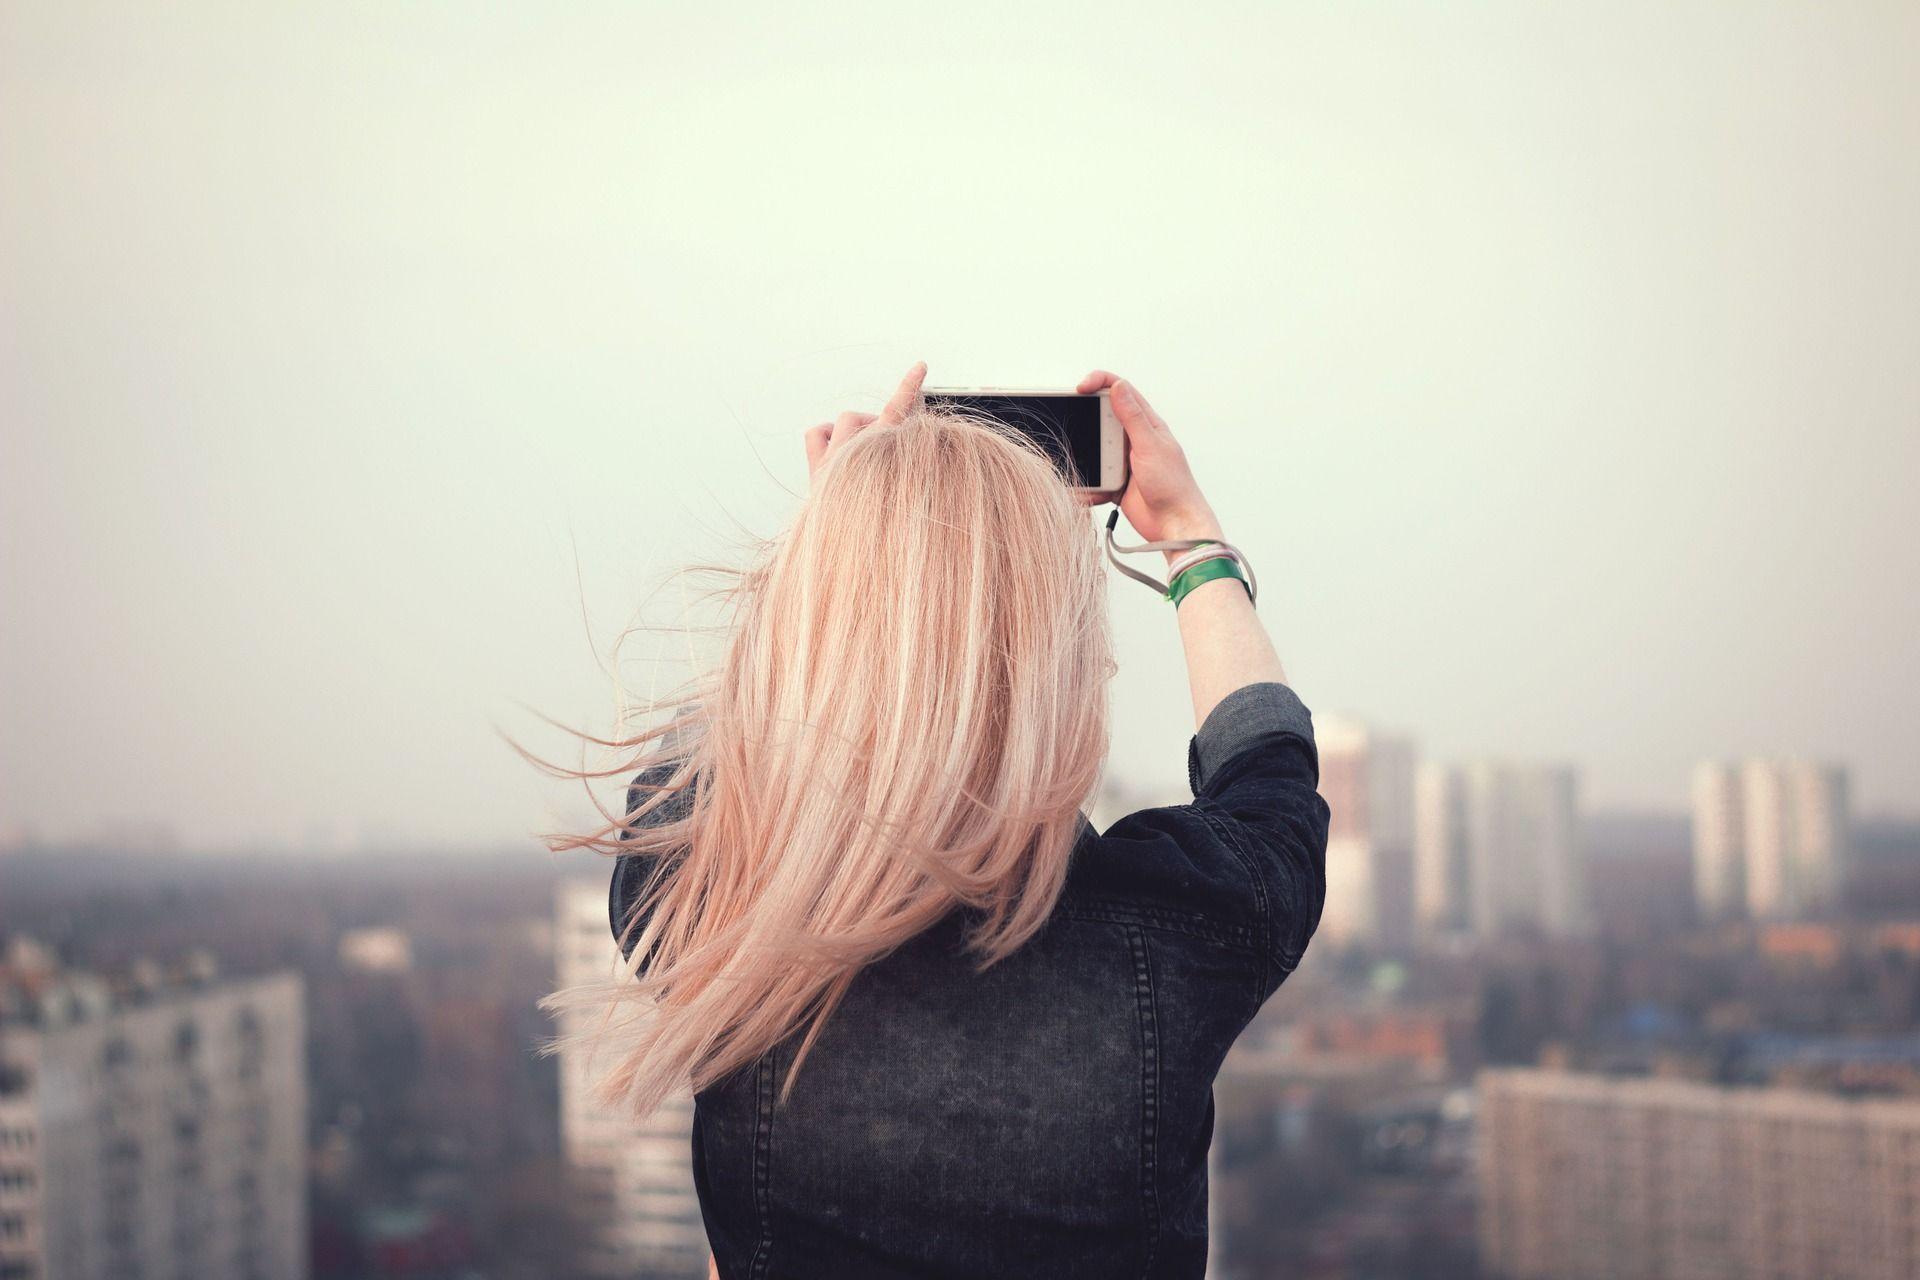 Chica realiza migración yoigo con su móvil